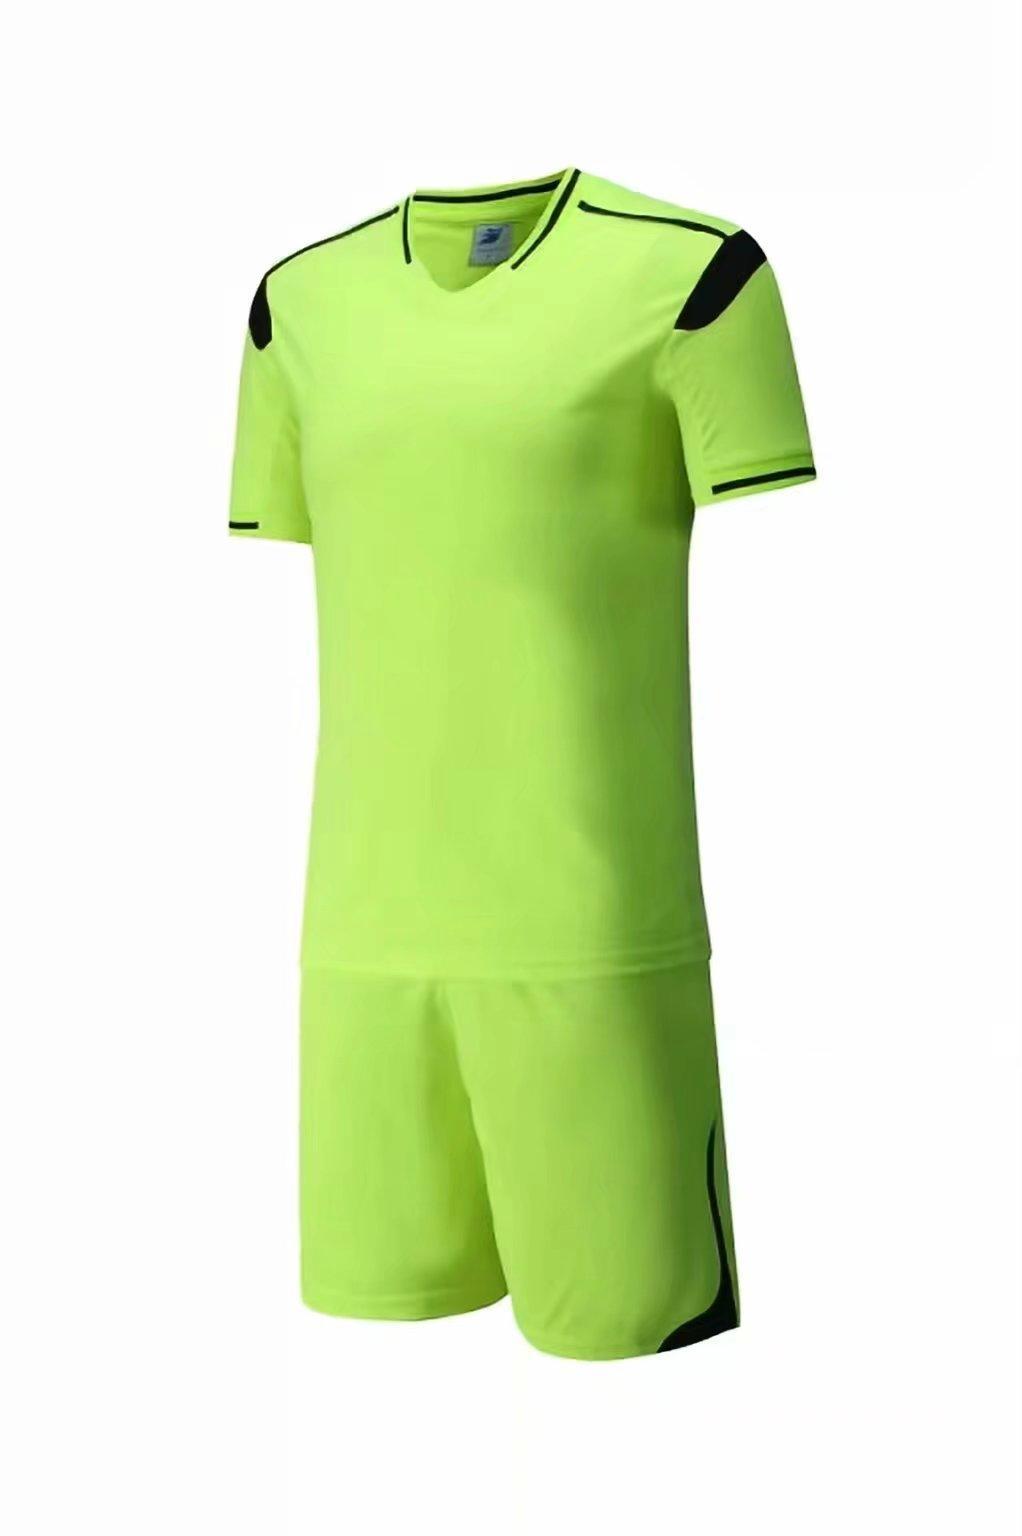 2021 tailândia camisas de futebol de qualidade crianças uniformes 20 21 roupas de treino camisas de futebol